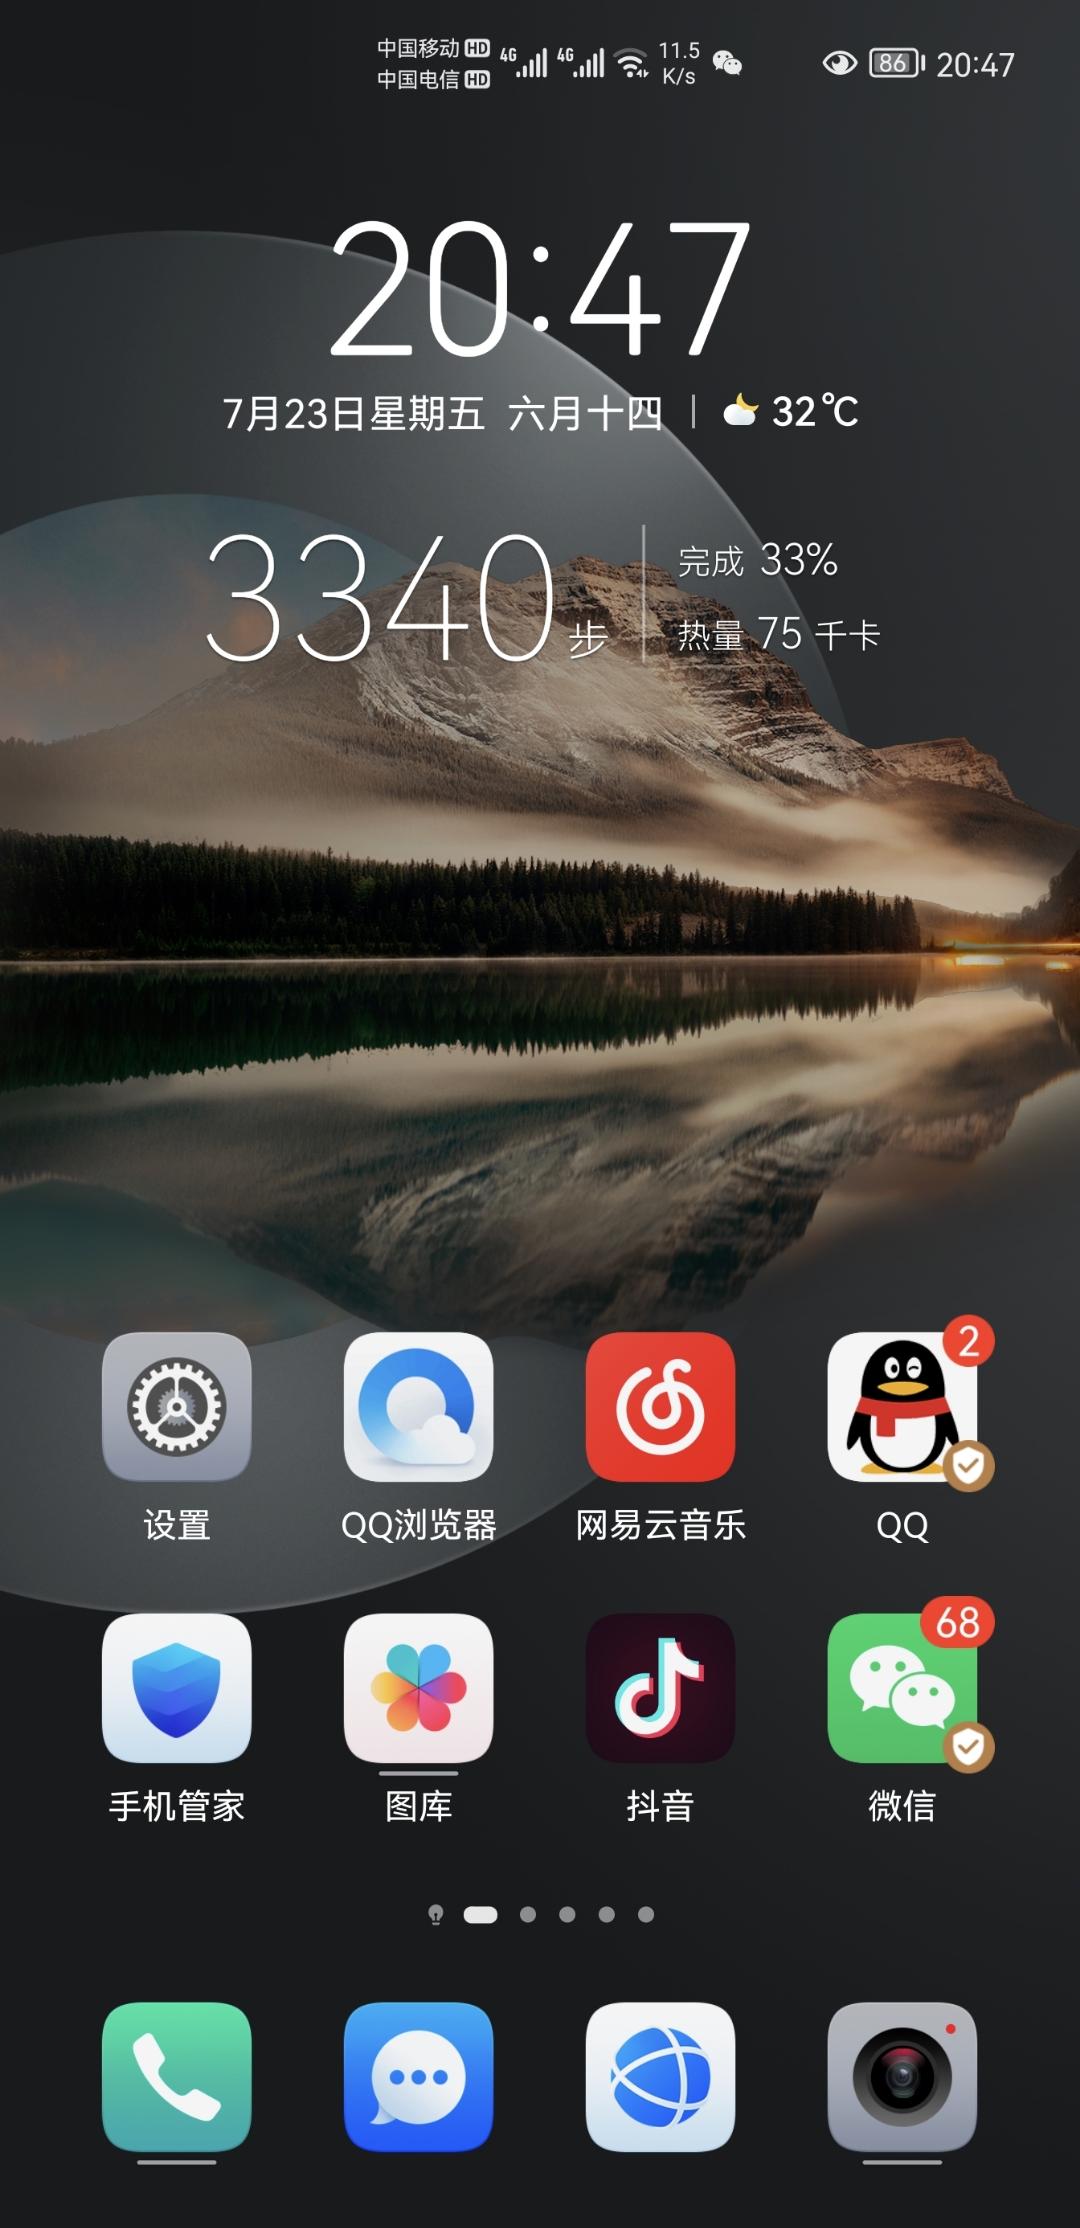 Screenshot_20210723_204742_com.huawei.android.launcher.jpg